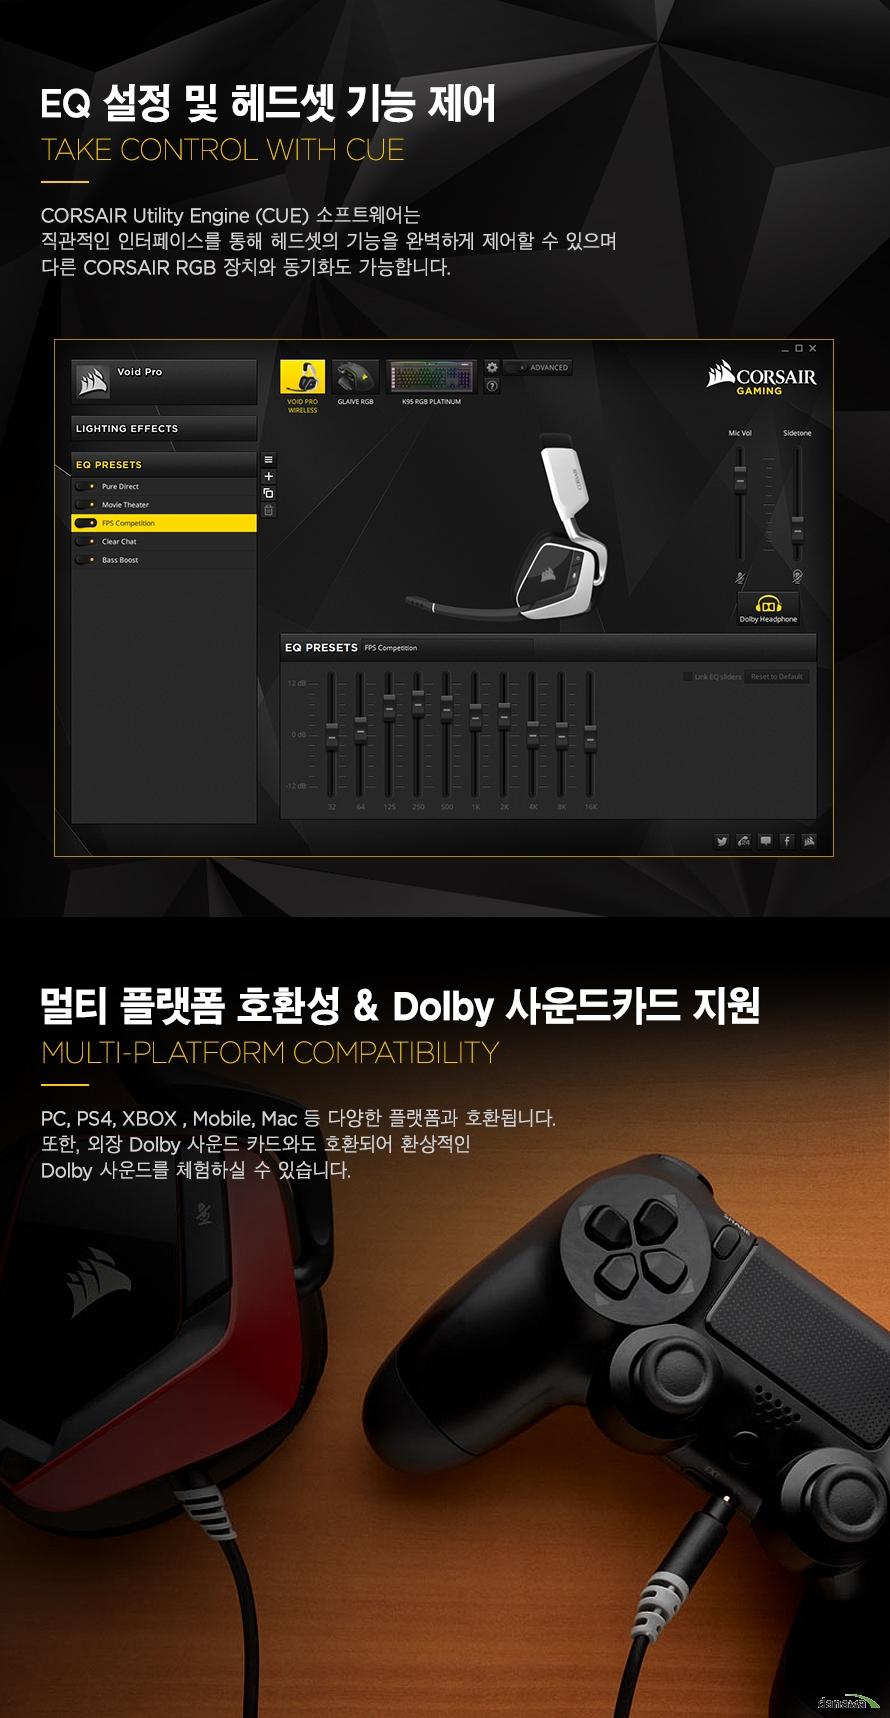 RGB 조명 제어 및 EQ 설정CORSAIR Utility Engine (CUE) 소프트웨어는 직관적인 인터페이스를 통해 헤드셋의 기능을 완벽하게 제어할 수 있으며 다른 CORSAIR RGB 장치와 동기화도 가능합니다.멀티 플랫폼 호환성 & Dolby 사운드카드 지원PC, PS4, XBOX , Mobile, Mac 등 다양한 플랫폼과 호환됩니다. 또한, 외장 Dolby 사운드 카드와도 호환되어 환상적인 Dolby 사운드를 체험하실 수 있습니다.